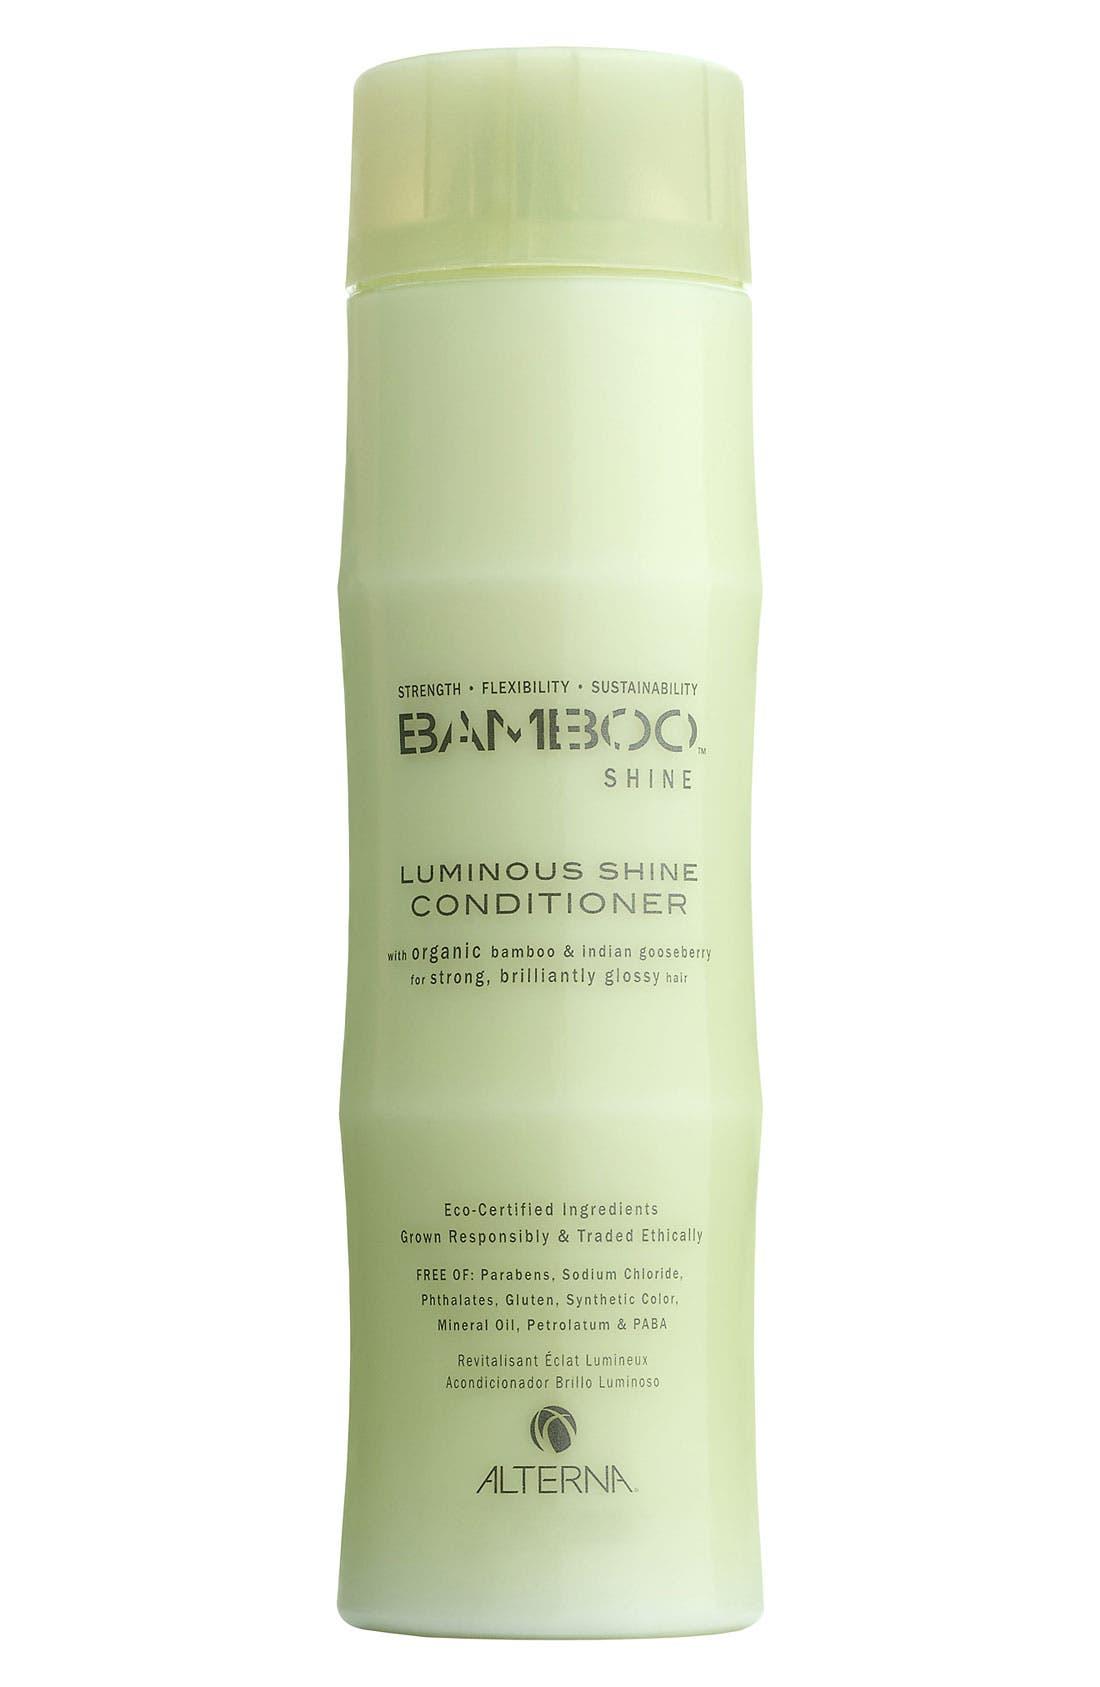 ALTERNA® Bamboo Shine Luminous Shine Conditioner